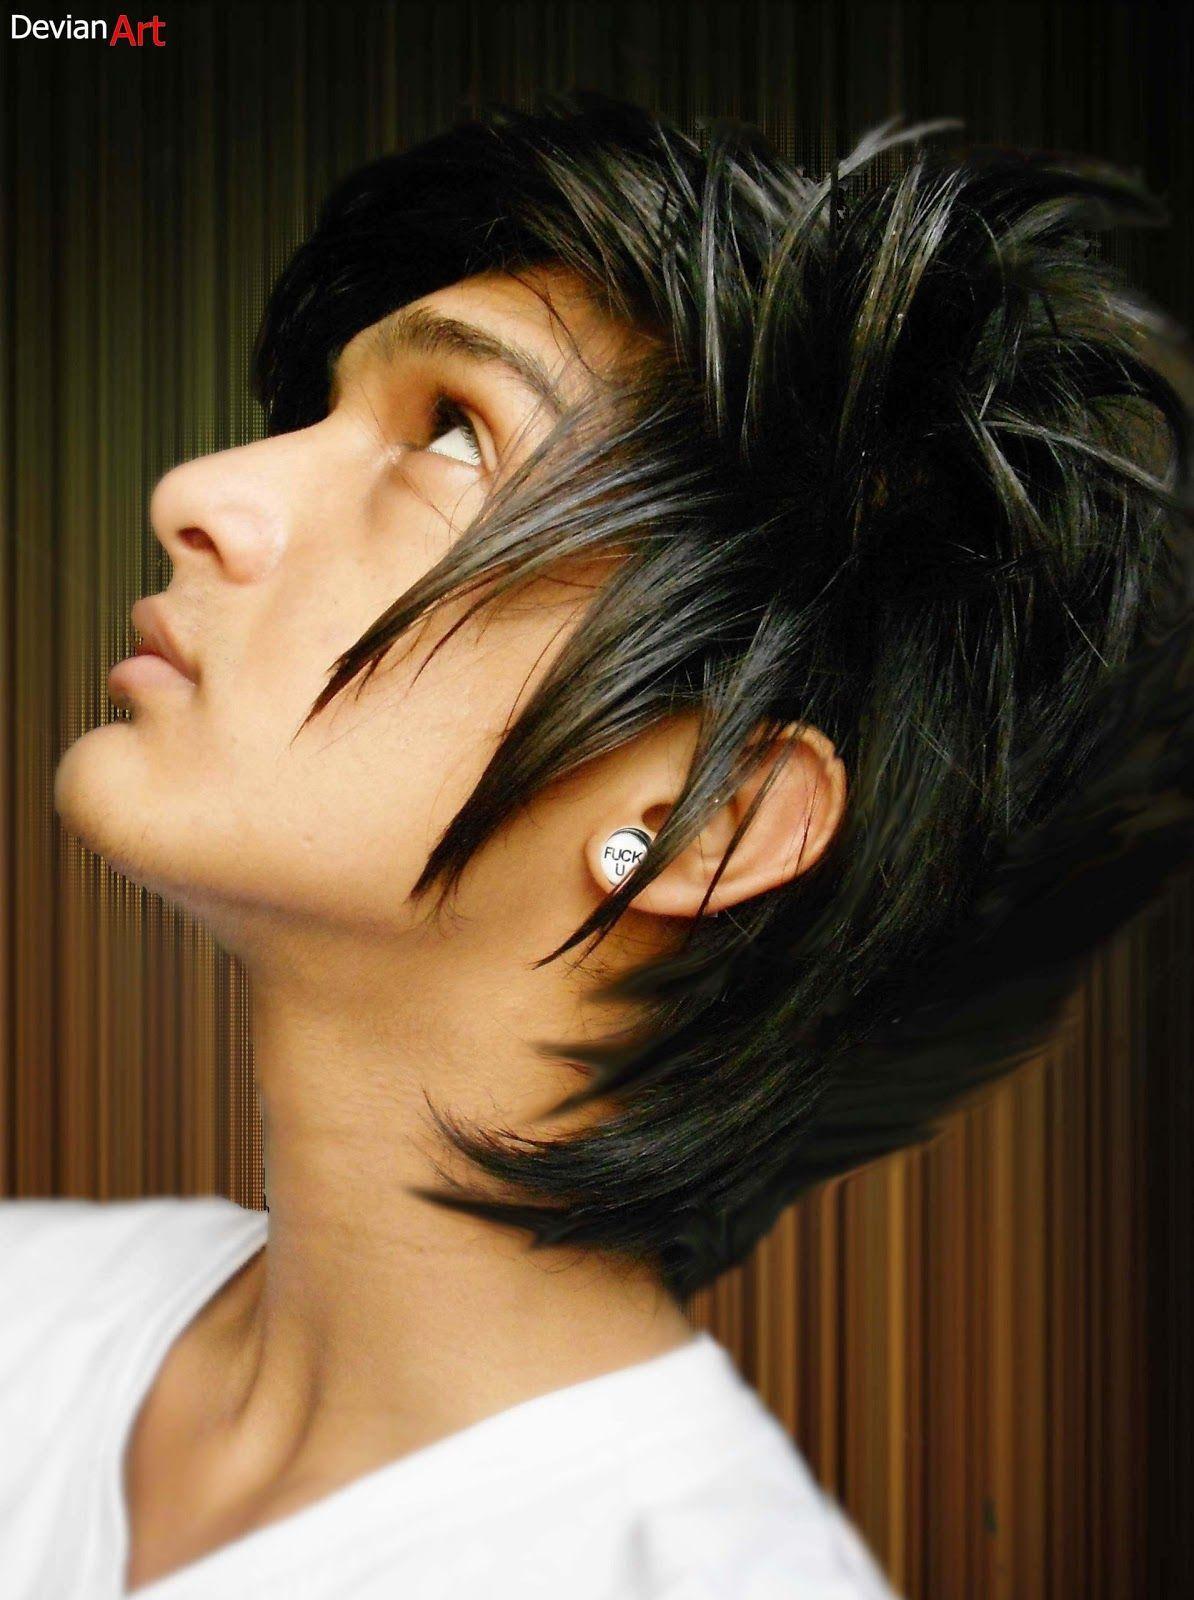 Emo boy2